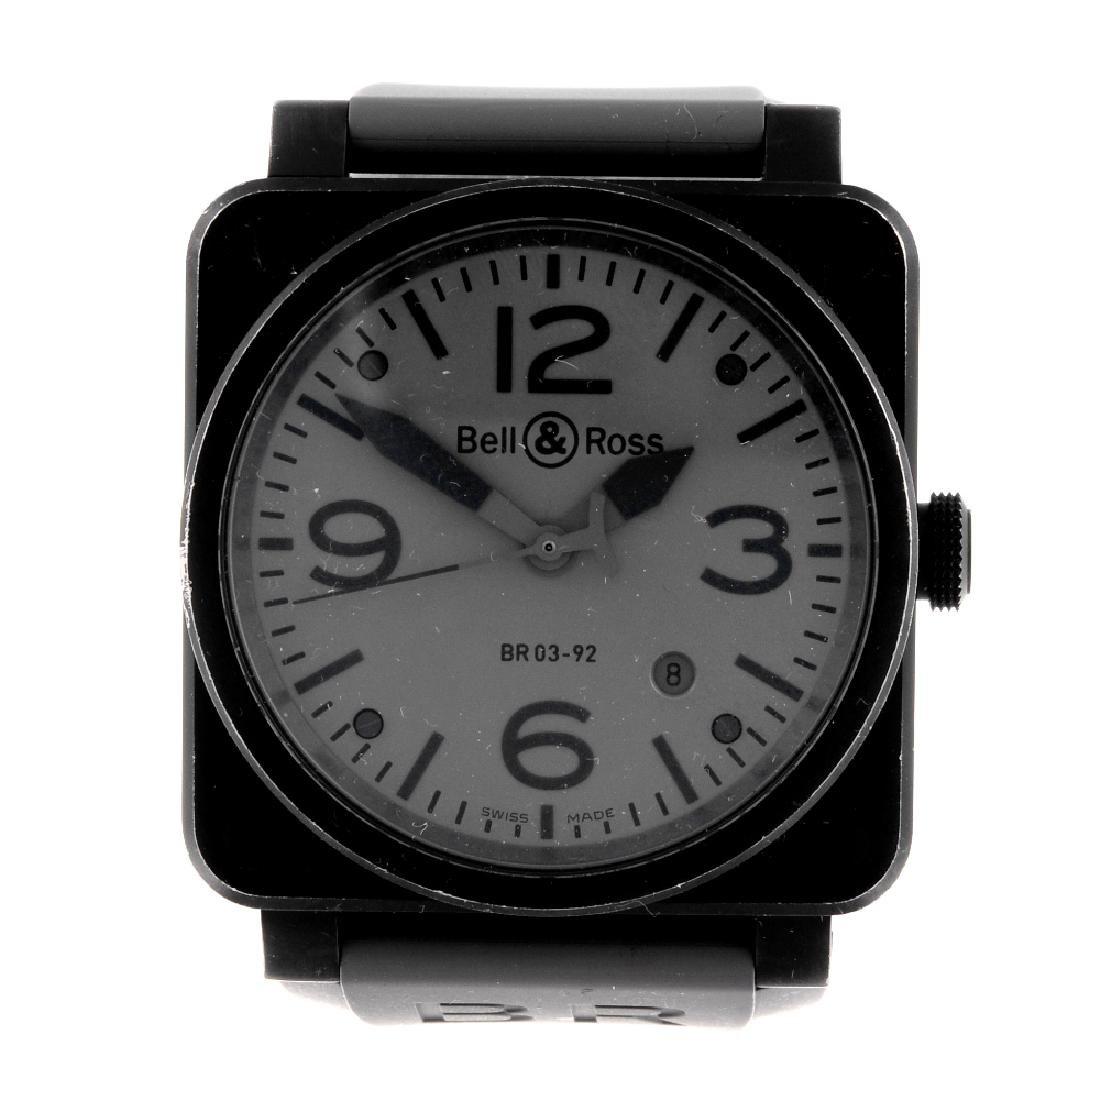 BELL & ROSS - a gentleman's Commando wrist watch. PVD